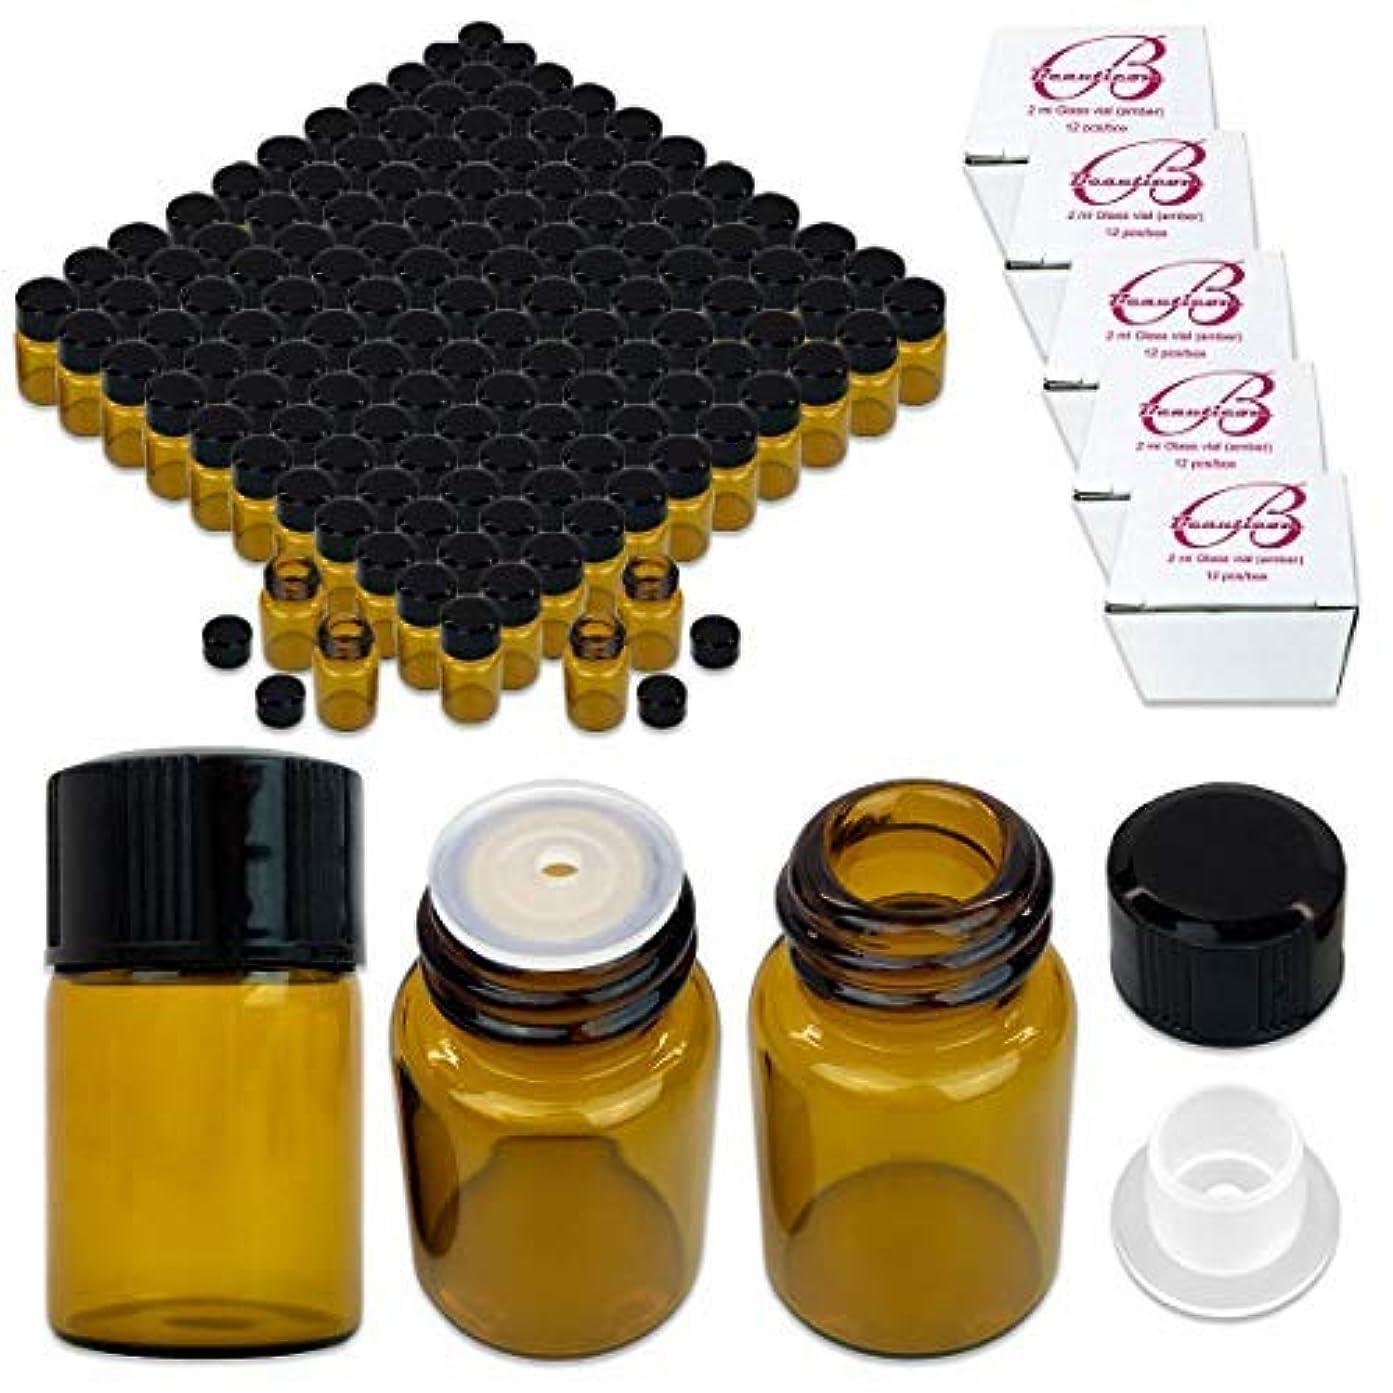 中庭中国バーゲン180 Packs Beauticom 2ML Amber Glass Vial for Essential Oils, Aromatherapy, Fragrance, Serums, Spritzes, with Orifice Reducer and Dropper Top [並行輸入品]